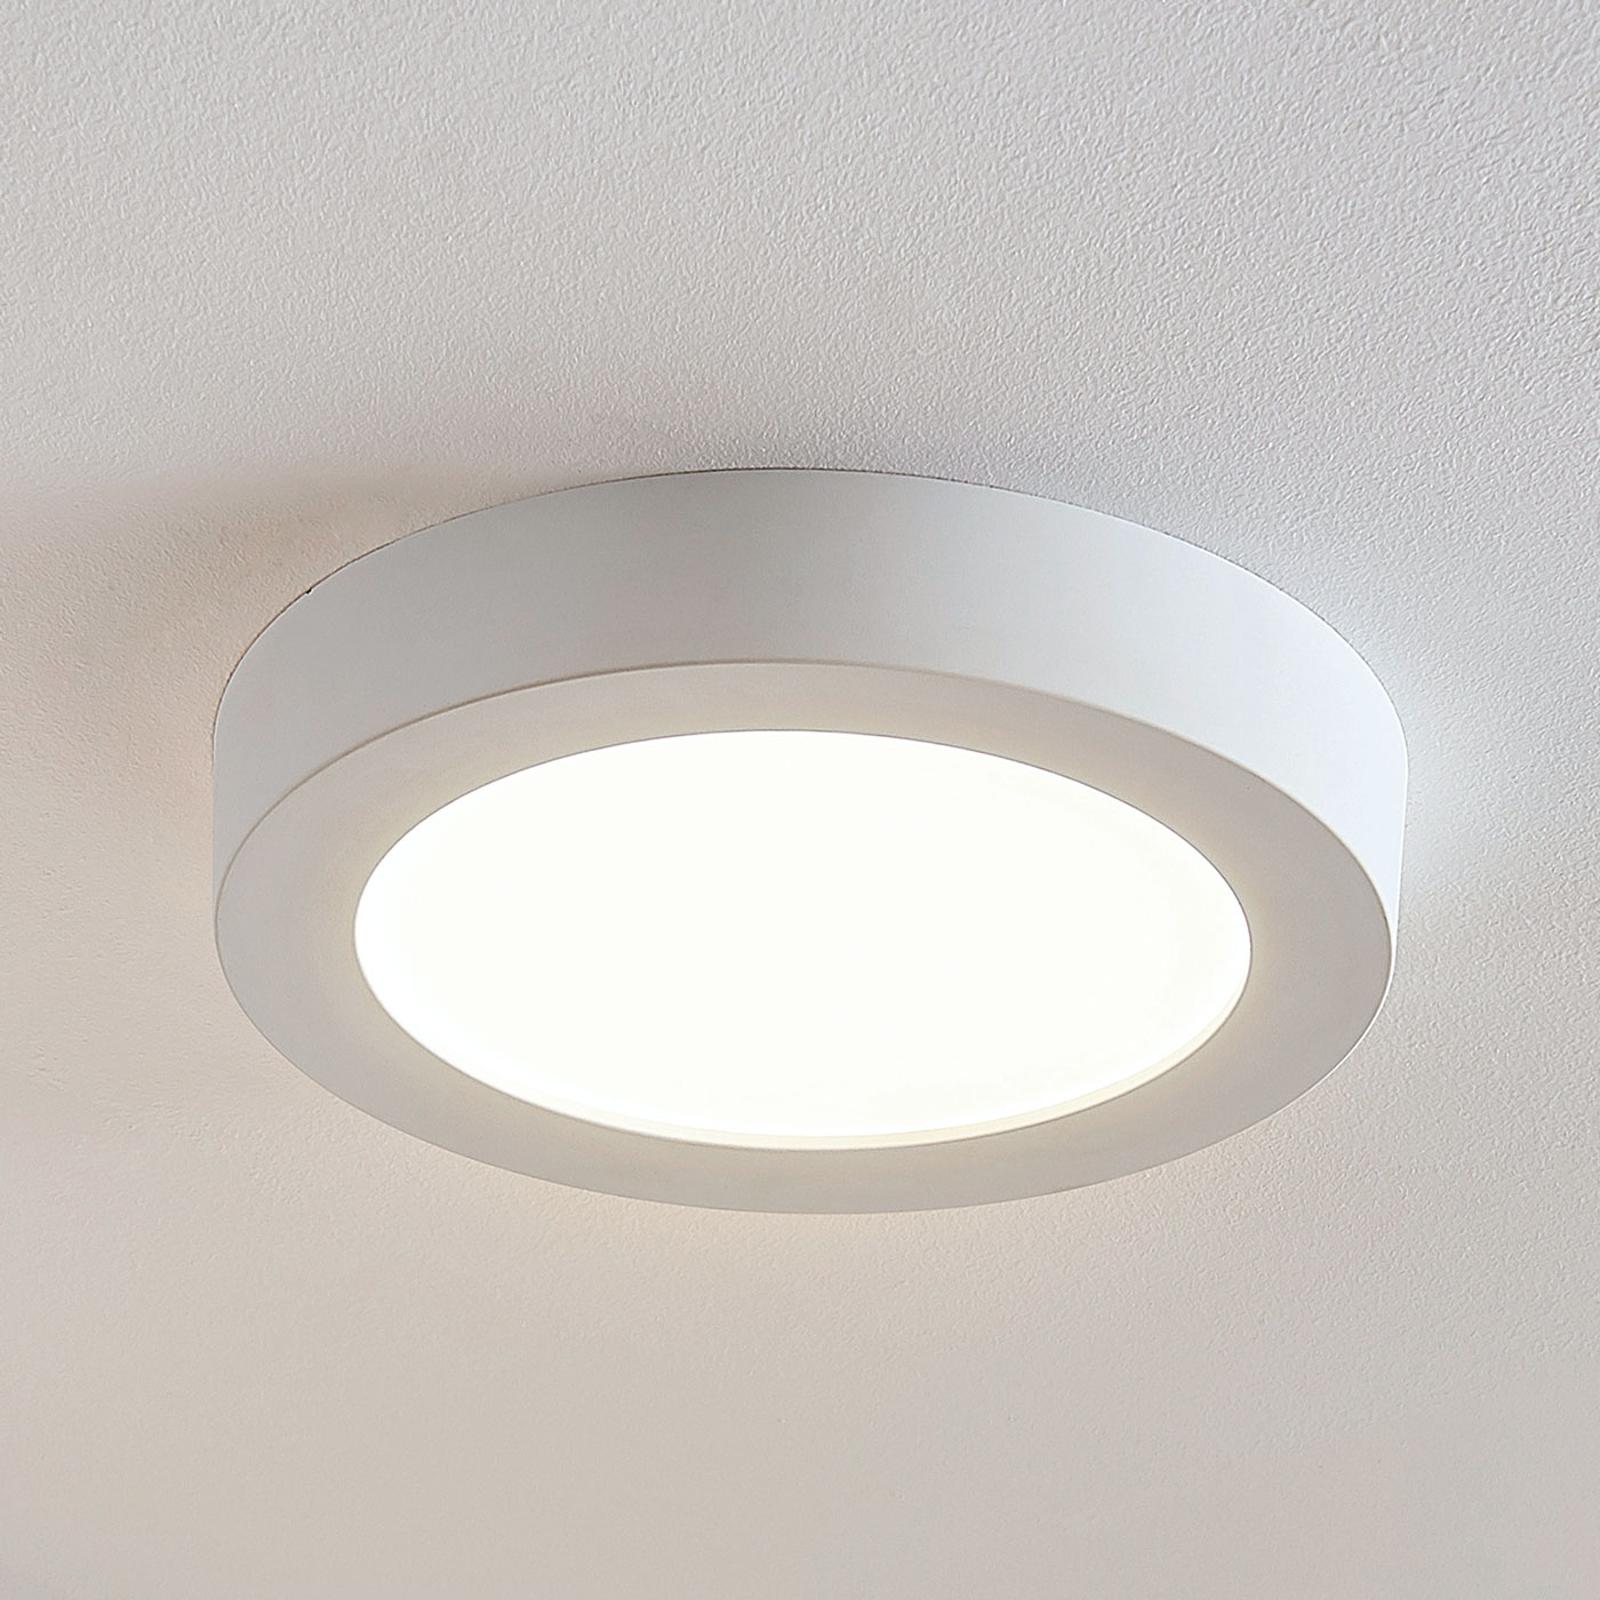 LED-taklampe Marlo, hvit, 3000K rund 25,2cm